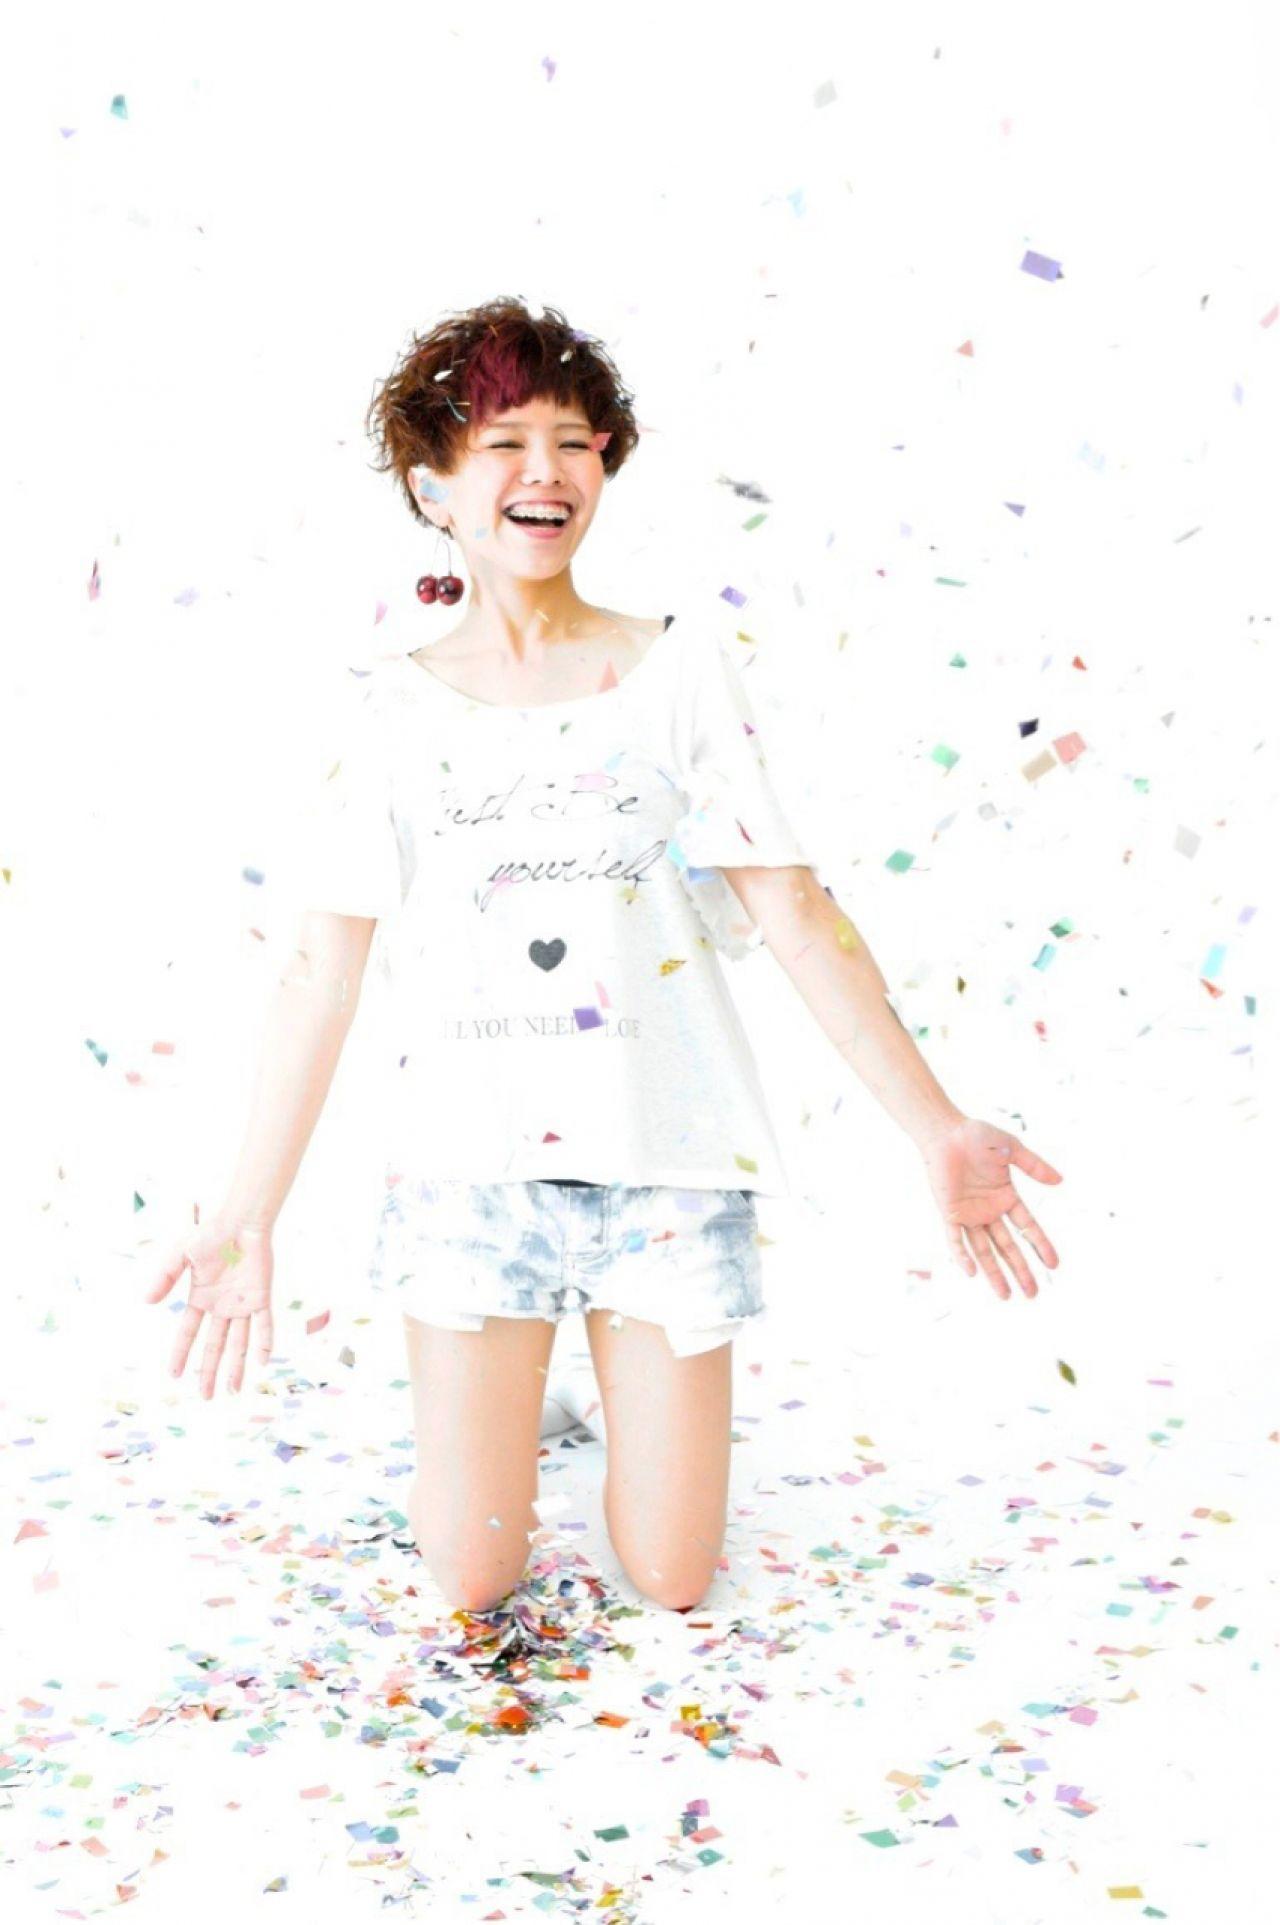 サロン「es」のスタイリスト、上村コウイチさんの作品がめちゃくちゃかわいい♡ 上村 コウイチ / es